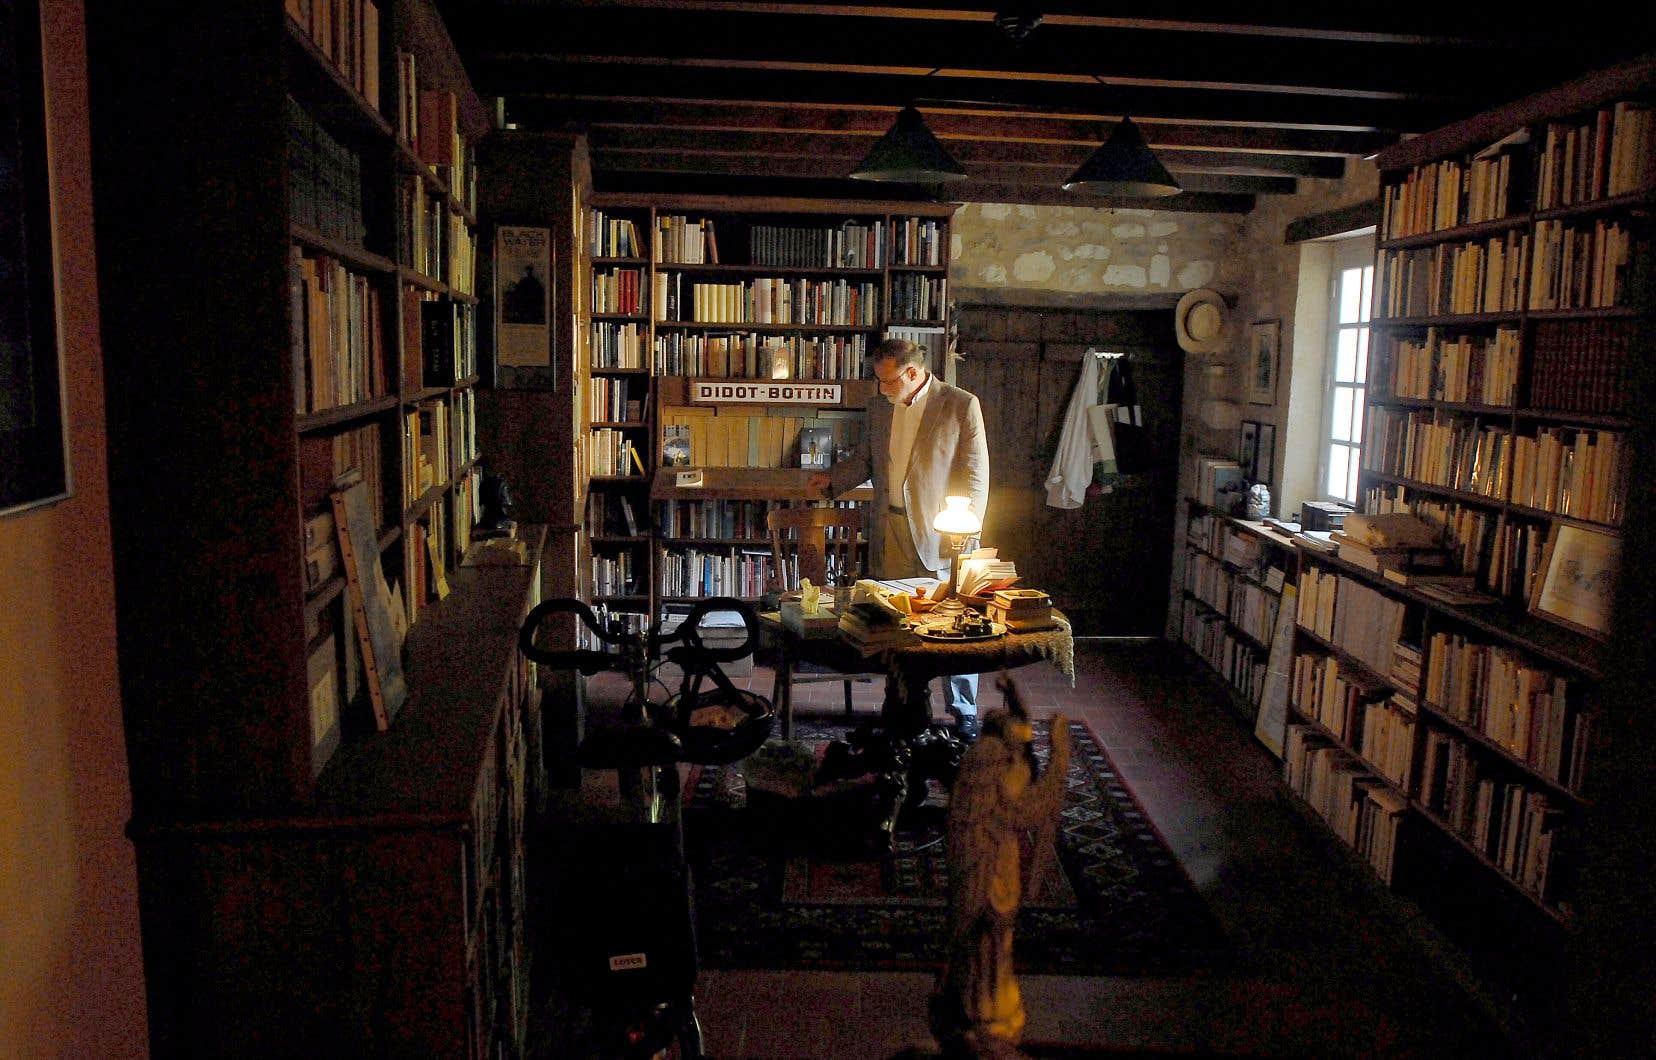 La monumentale collection de 40 000 livres de l'auteur argentin Alberto Manguel, ici photographié en France, sera finalement logée dans un palais, au Portugal.